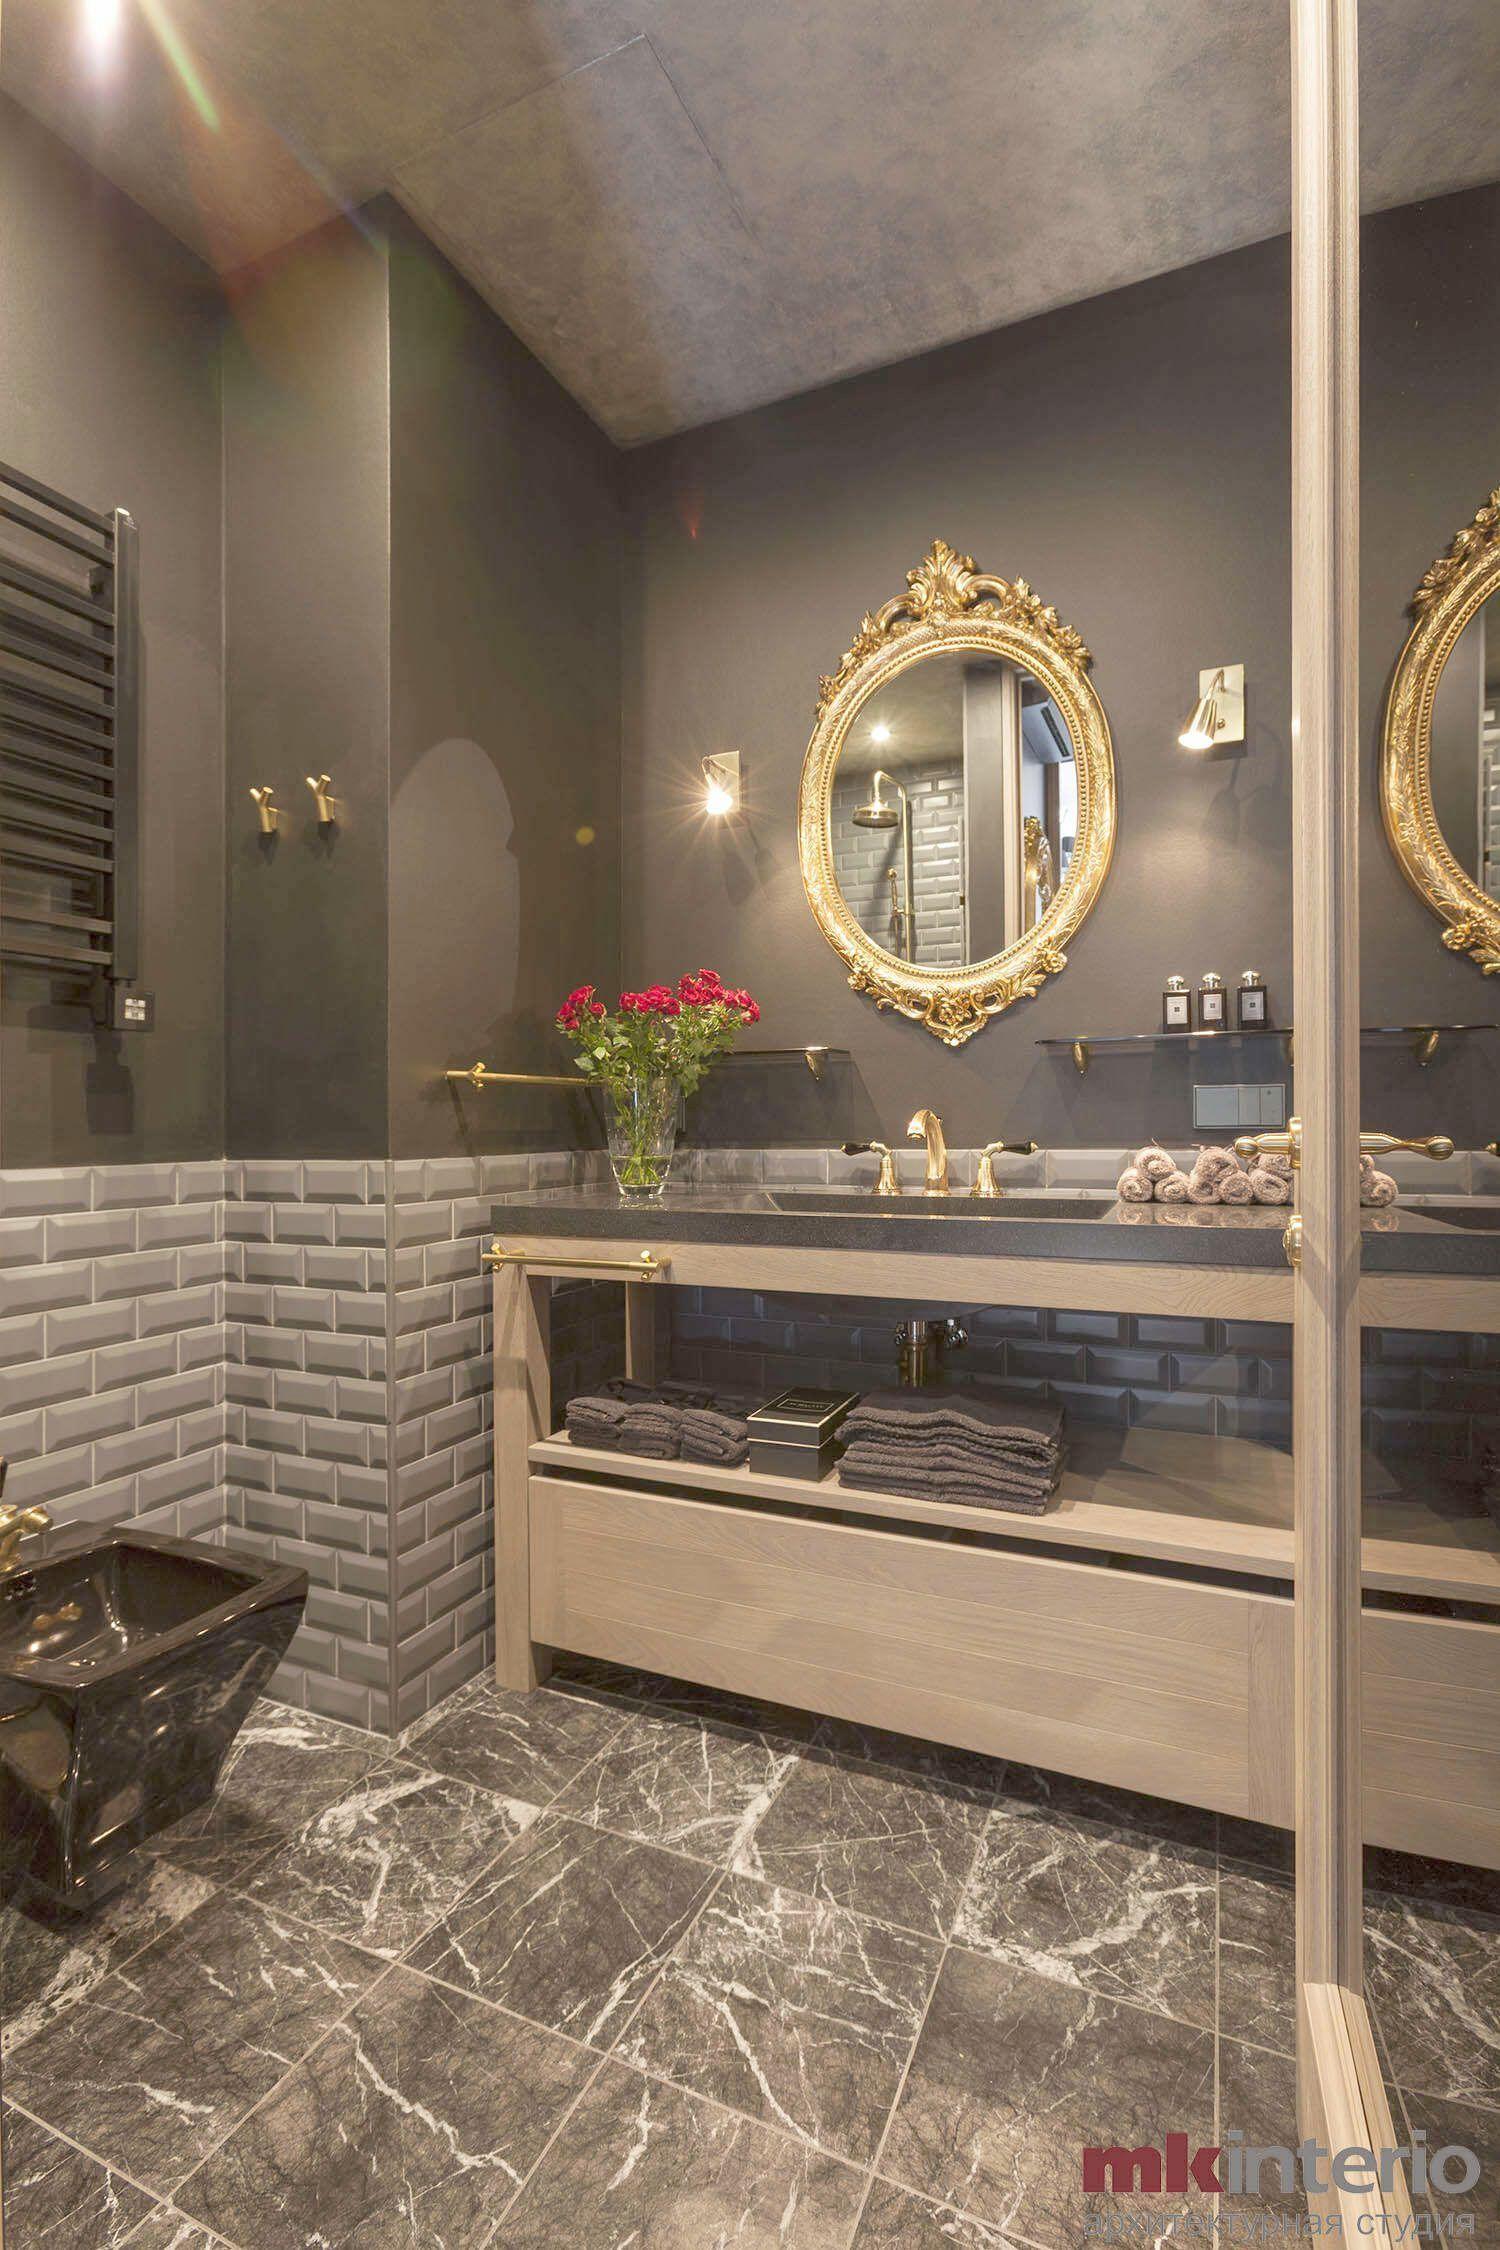 Bathroom Rentals Near Me Few Bathroom Ideas Gray Tile New Bathroom Near Me Luxury Bathr With Images Affordable Bathroom Remodel Elegant Bathroom Bathroom Interior Design